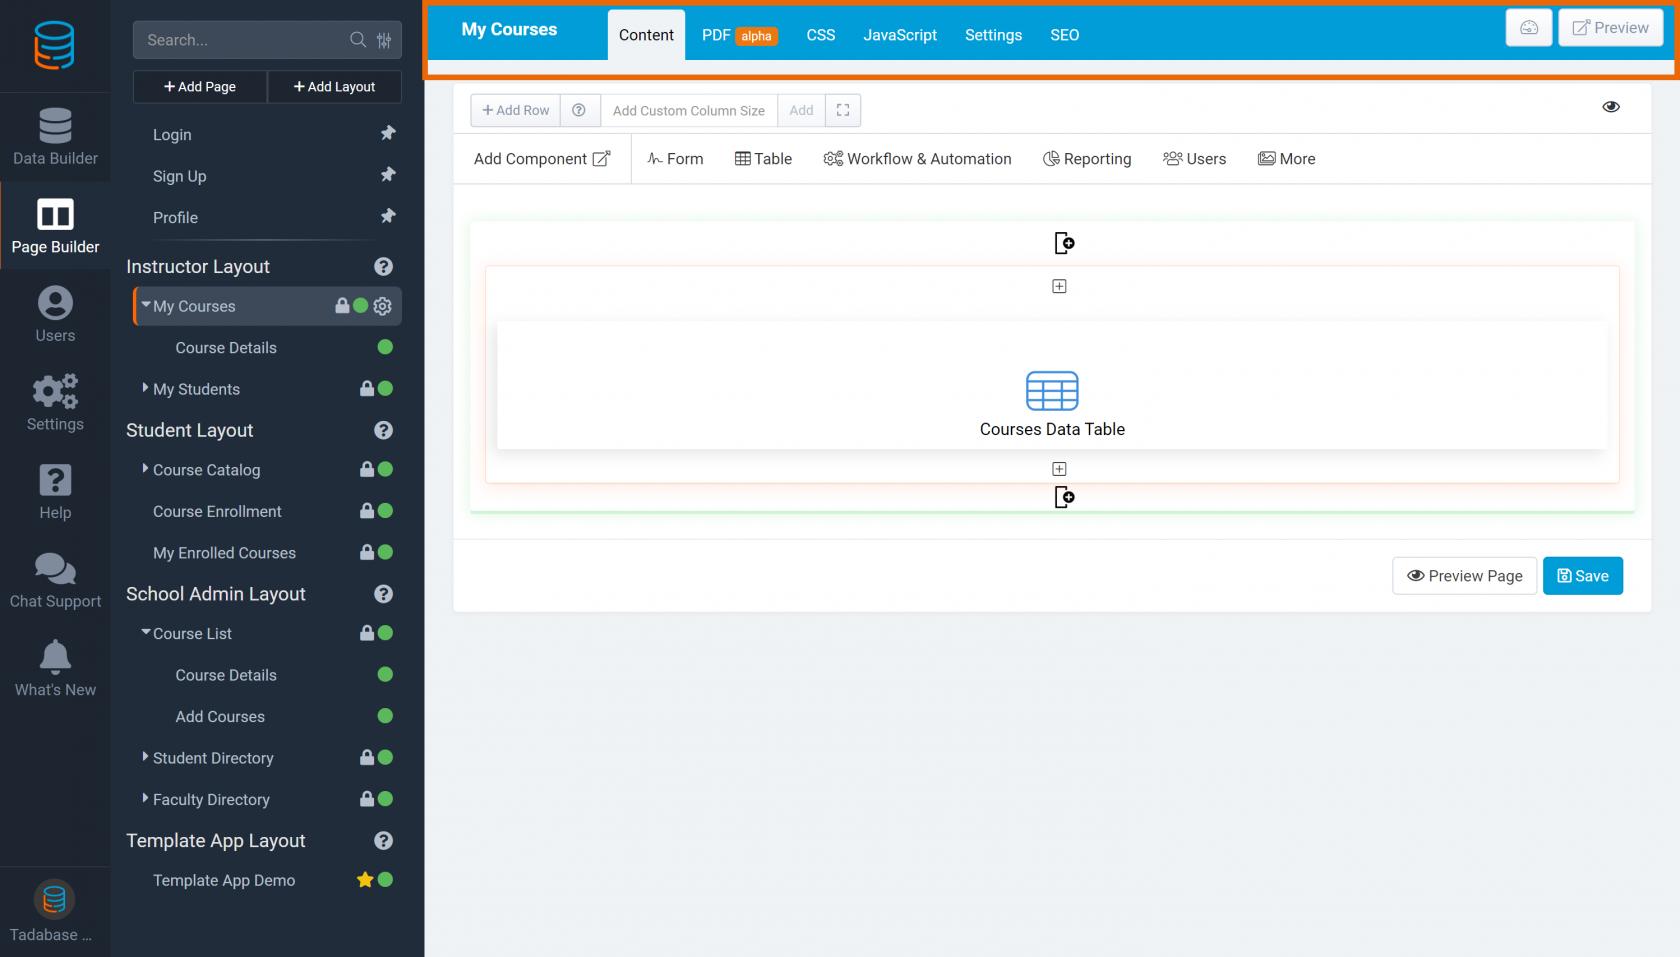 page-builder-nav-menu-2.png